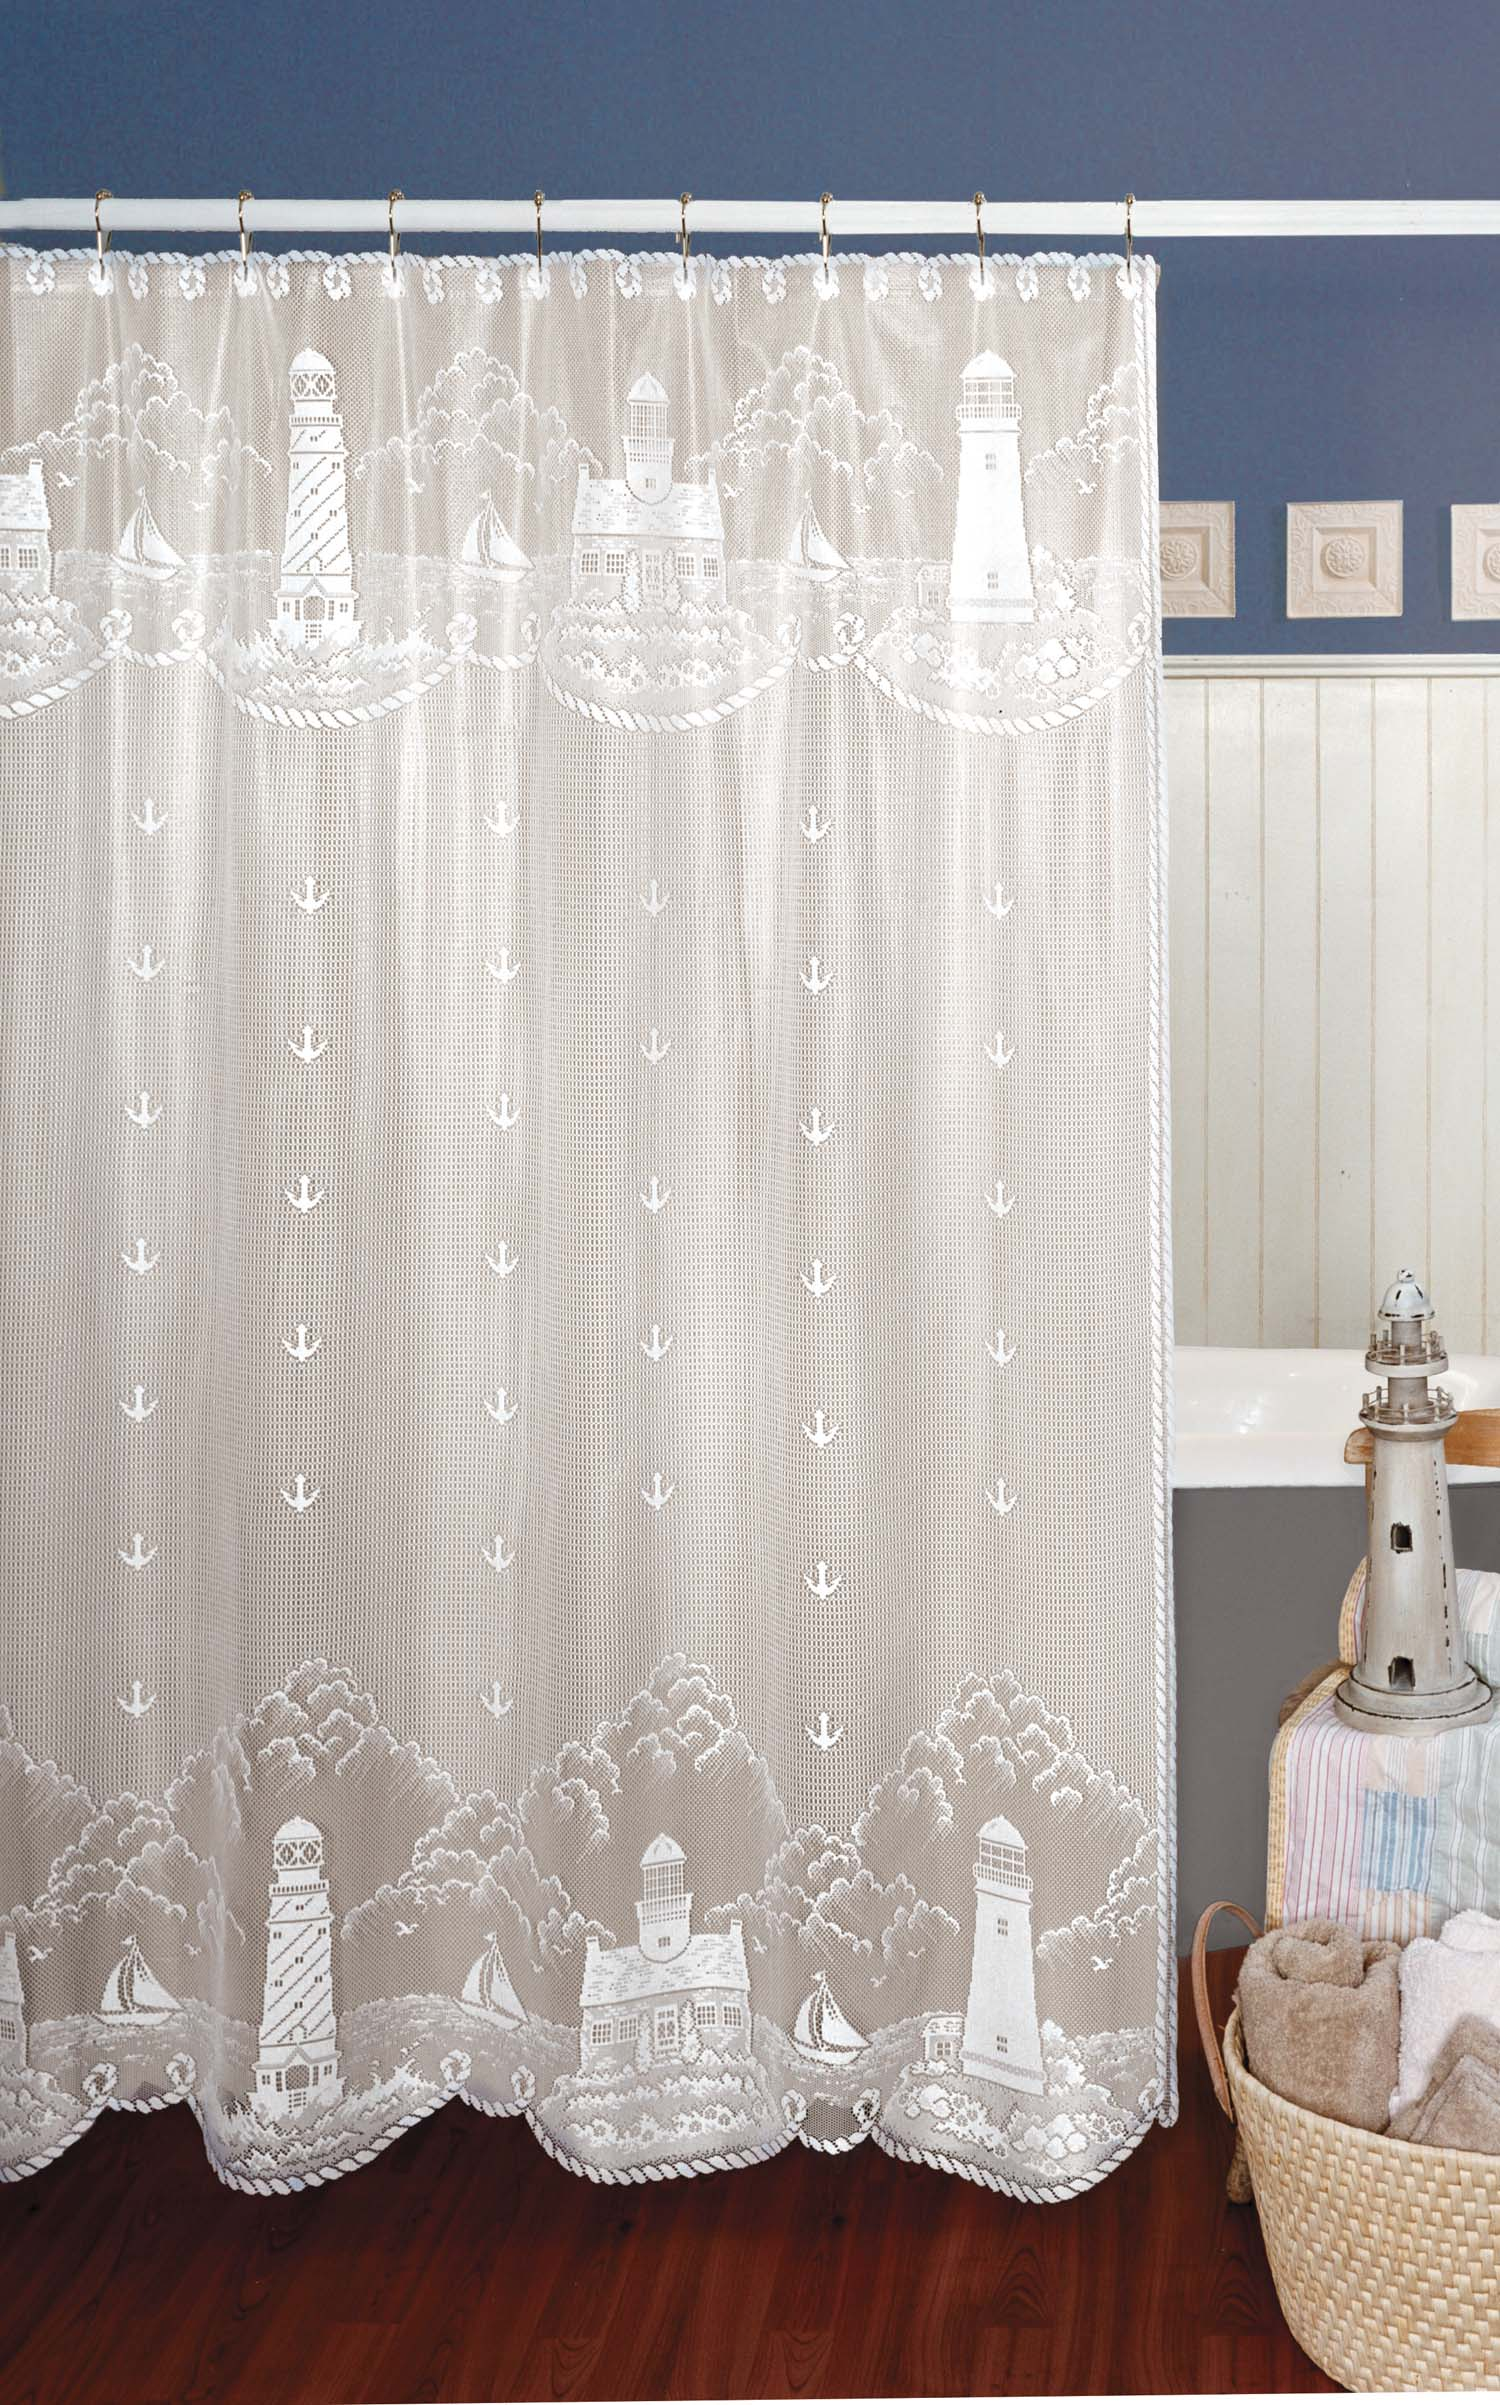 Lighthouse Curtain Shower Curtain